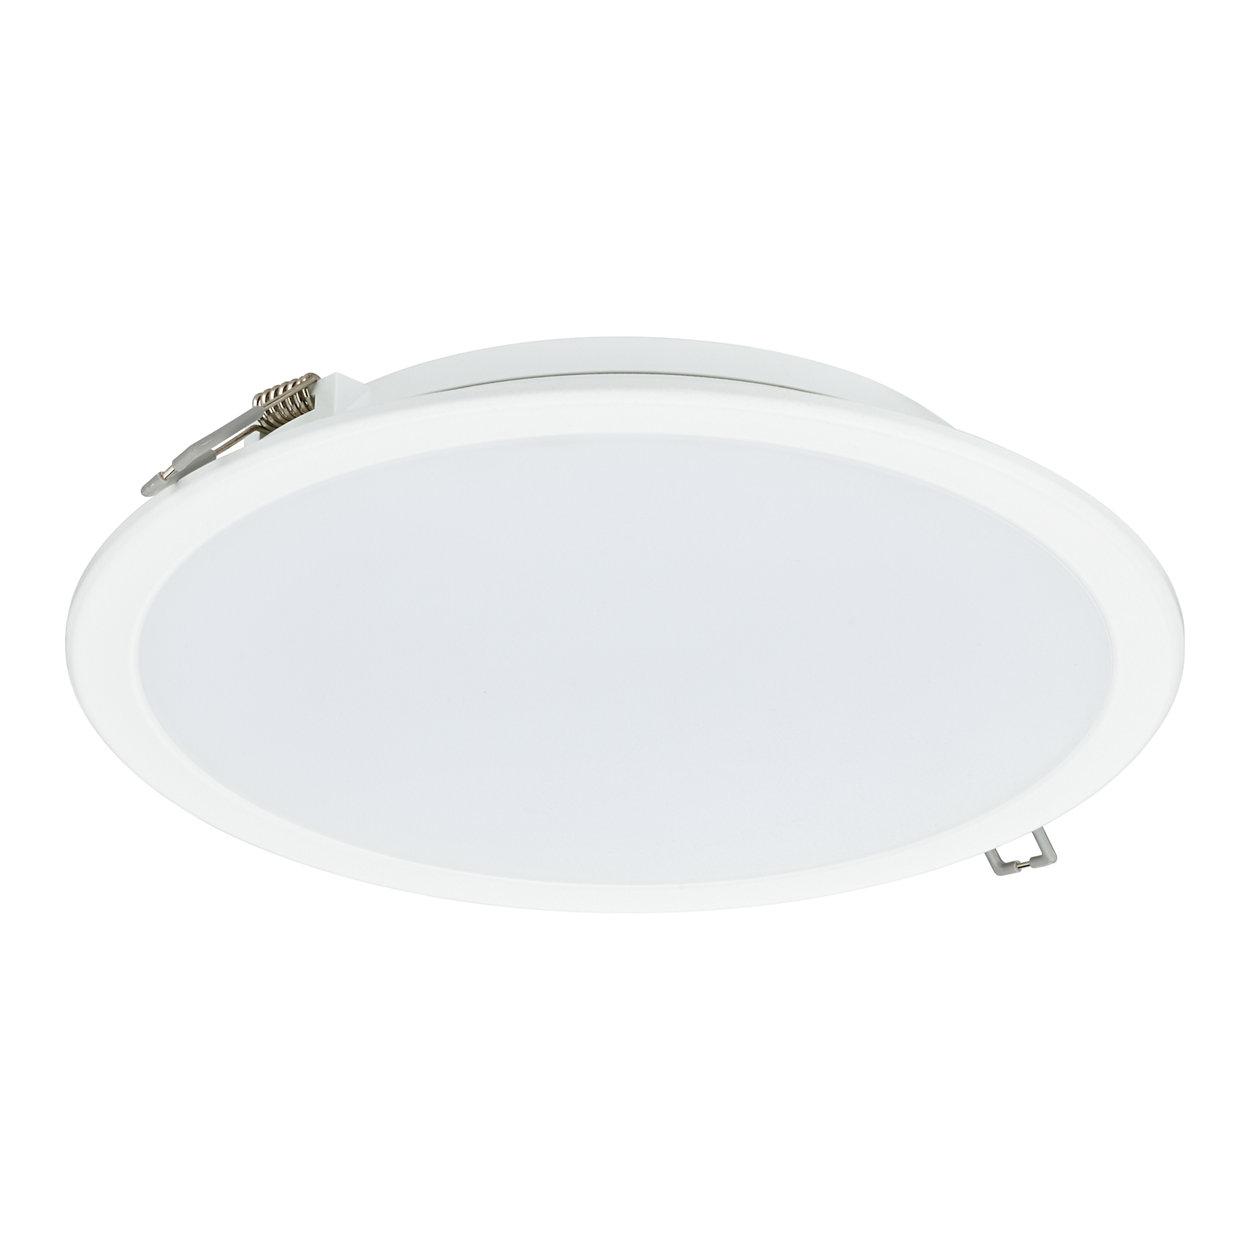 Helt enkelt riktigt bra LED-ljus